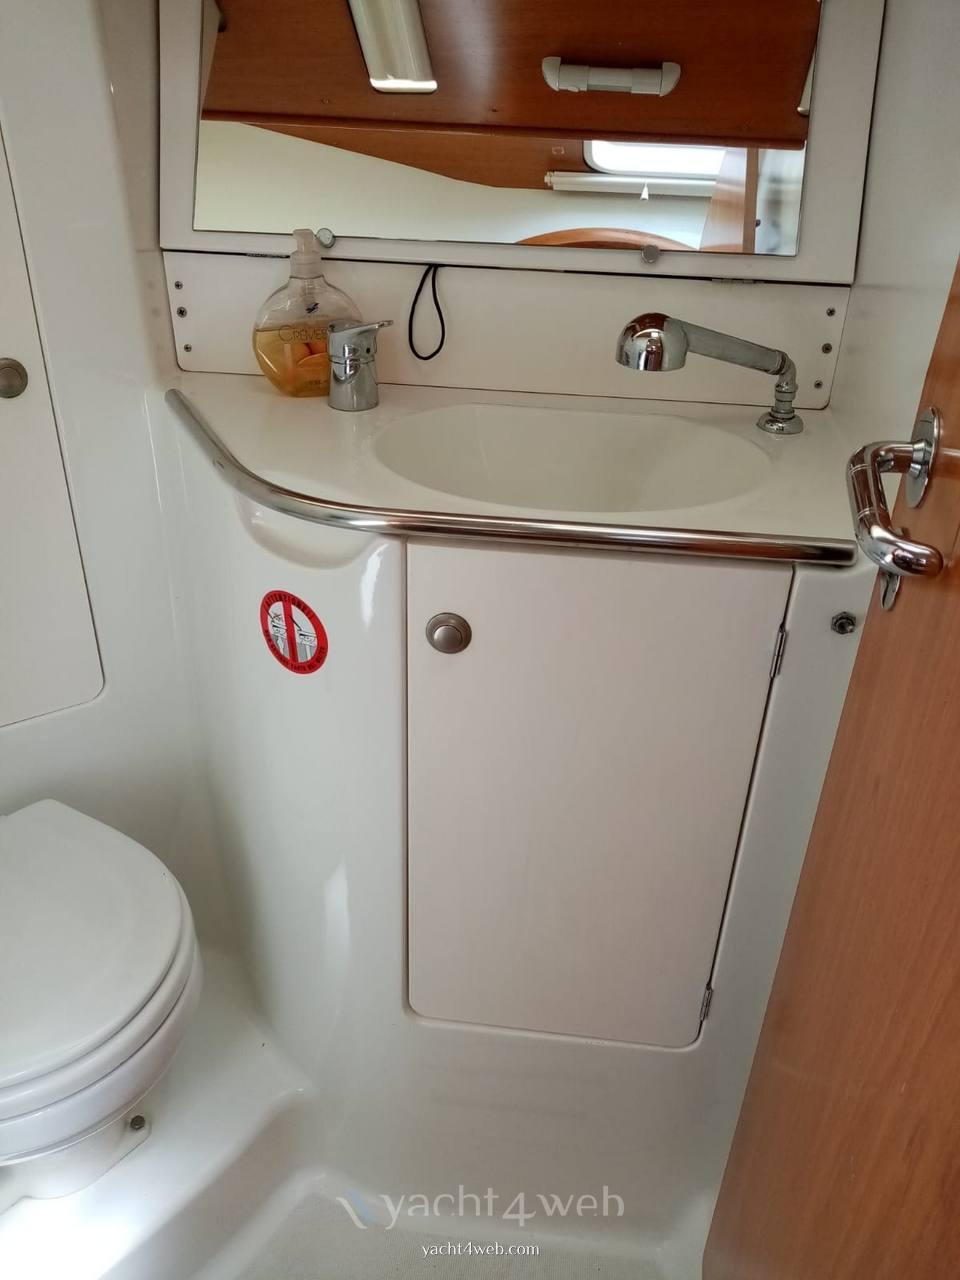 Jeanneau Sun fast 35 Hygienic service